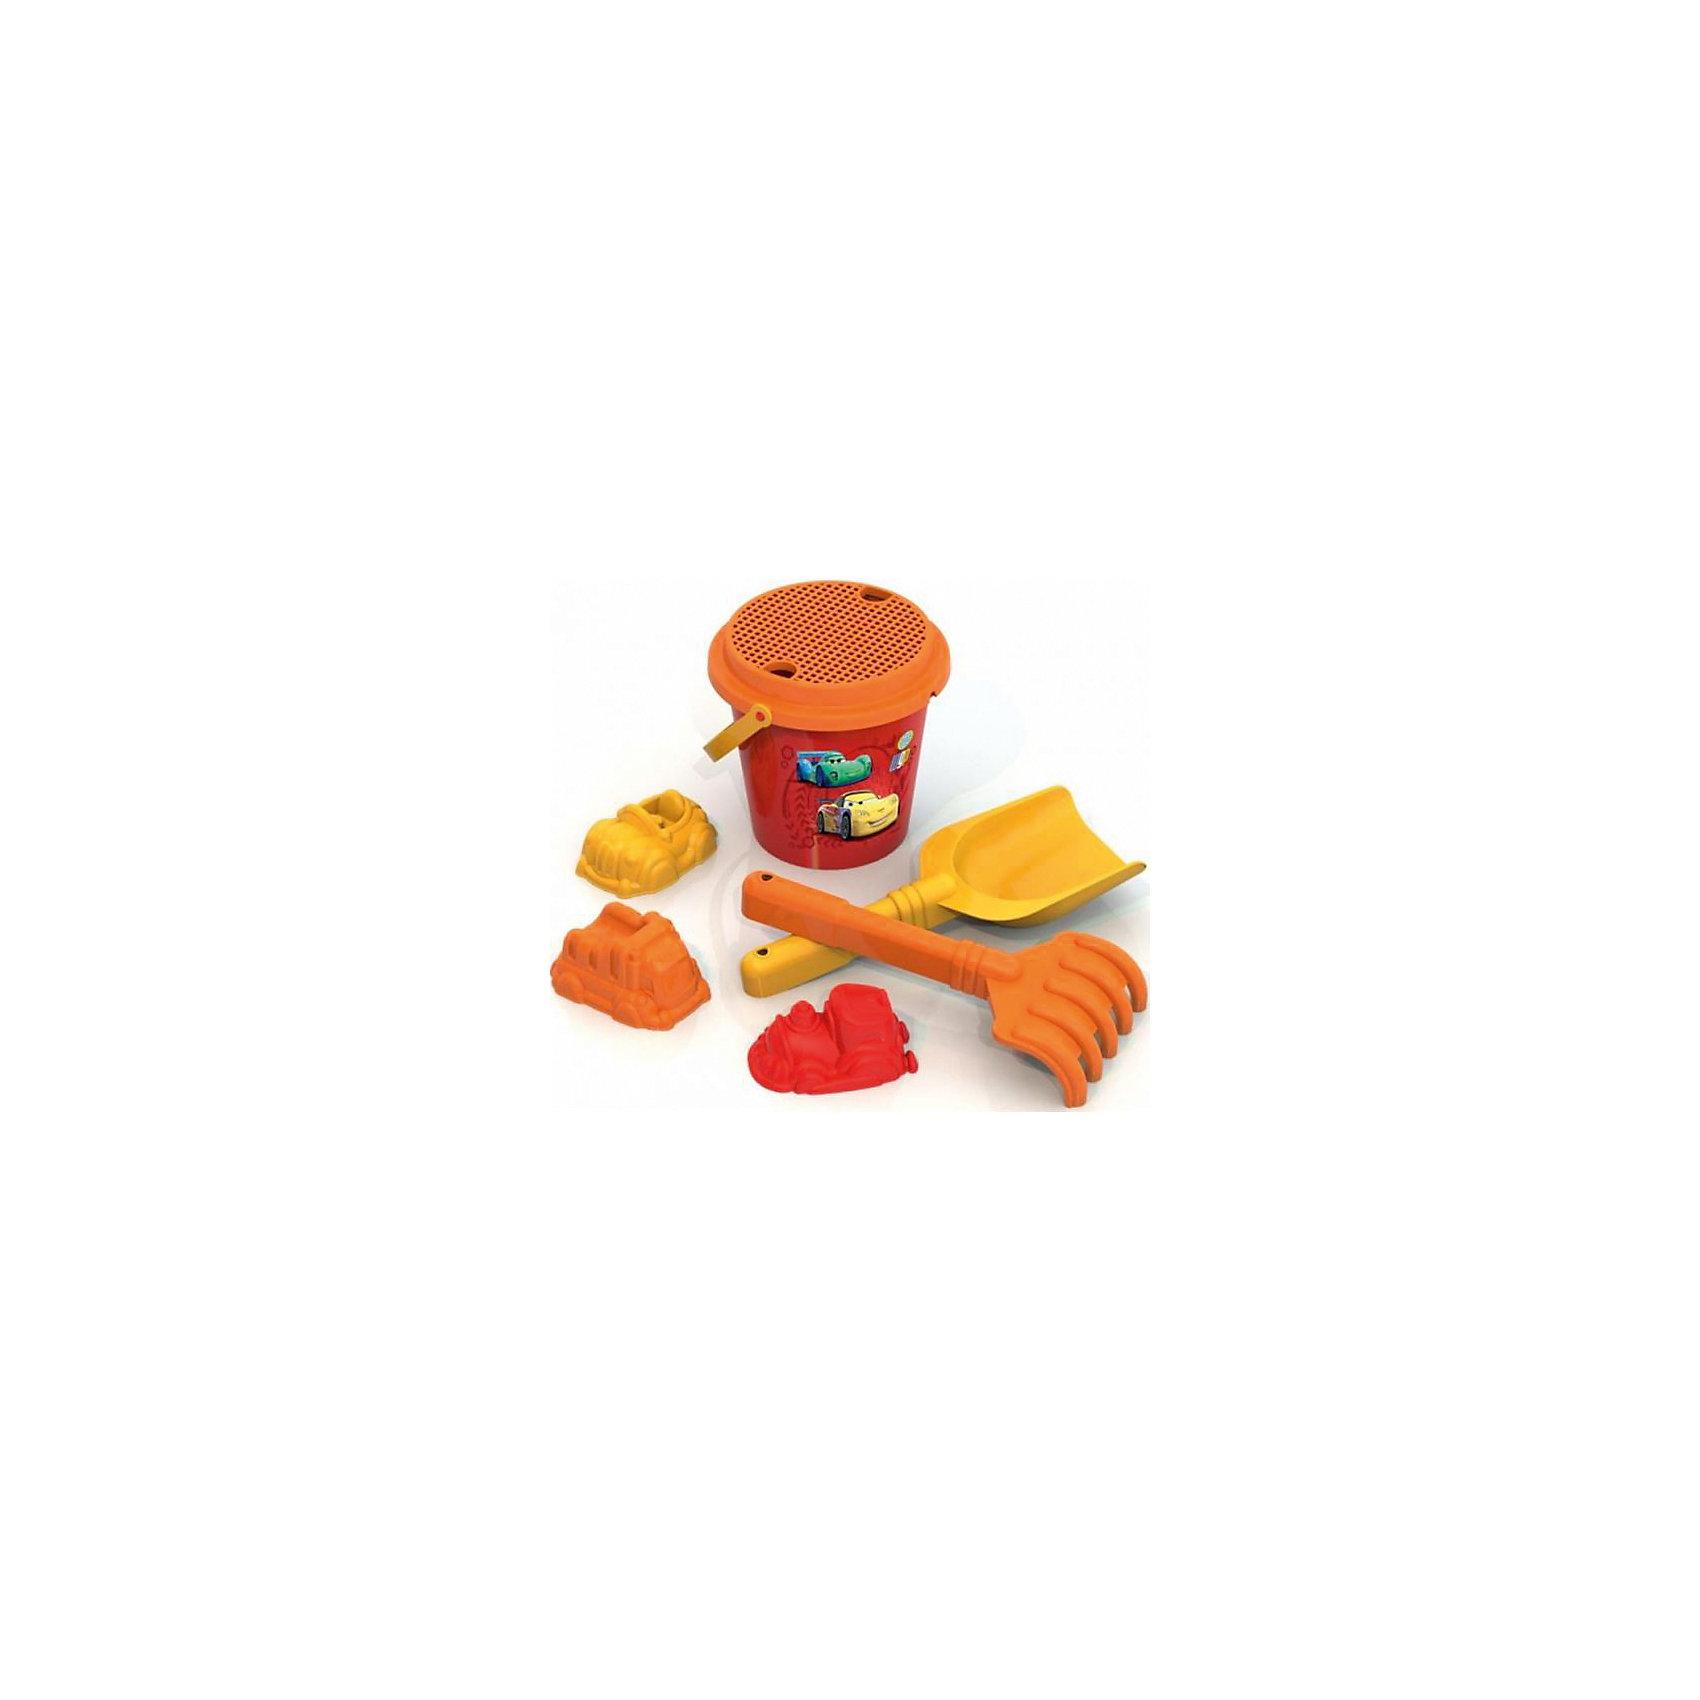 Набор для песка №2, Тачки, Играем вместеНабор для песка №2, Тачки, Играем вместе - это радость и забава для летних развлечений.<br>Набор для веселого времяпровождения в песочнице, на пляже или на даче выполнен в стиле мультфильма Тачки. Он включает разнообразные предметы, которые превратят игру в крайне увлекательный и захватывающий процесс! В наборе есть ведерко, украшенное яркой цветной наклейкой с изображением тачек. Малыш с удовольствием будет копаться в песочке совком и рыхлить его грабельками, просеивать песочек от камушков через сито. Он сможет построить из песка целый автопарк с помощью формочек-автомобилей. Игровые предметы изготовлены из прочного разноцветного пластика, абсолютно безопасного для здоровья ребенка.<br><br>Дополнительная информация:<br><br>- В наборе: ведро, совок, грабли, 3 формочки, сито<br>- Материал: пластик<br>- Цвет: желтый, красный, оранжевый<br>- Размер упаковки: 18 х 22 х 13 см.<br>- Вес: 190 гр.<br><br>Набор для песка №2, Тачки (Cars) Играем вместе можно купить в нашем интернет-магазине.<br><br>Ширина мм: 180<br>Глубина мм: 220<br>Высота мм: 130<br>Вес г: 190<br>Возраст от месяцев: 12<br>Возраст до месяцев: 48<br>Пол: Мужской<br>Возраст: Детский<br>SKU: 4046457